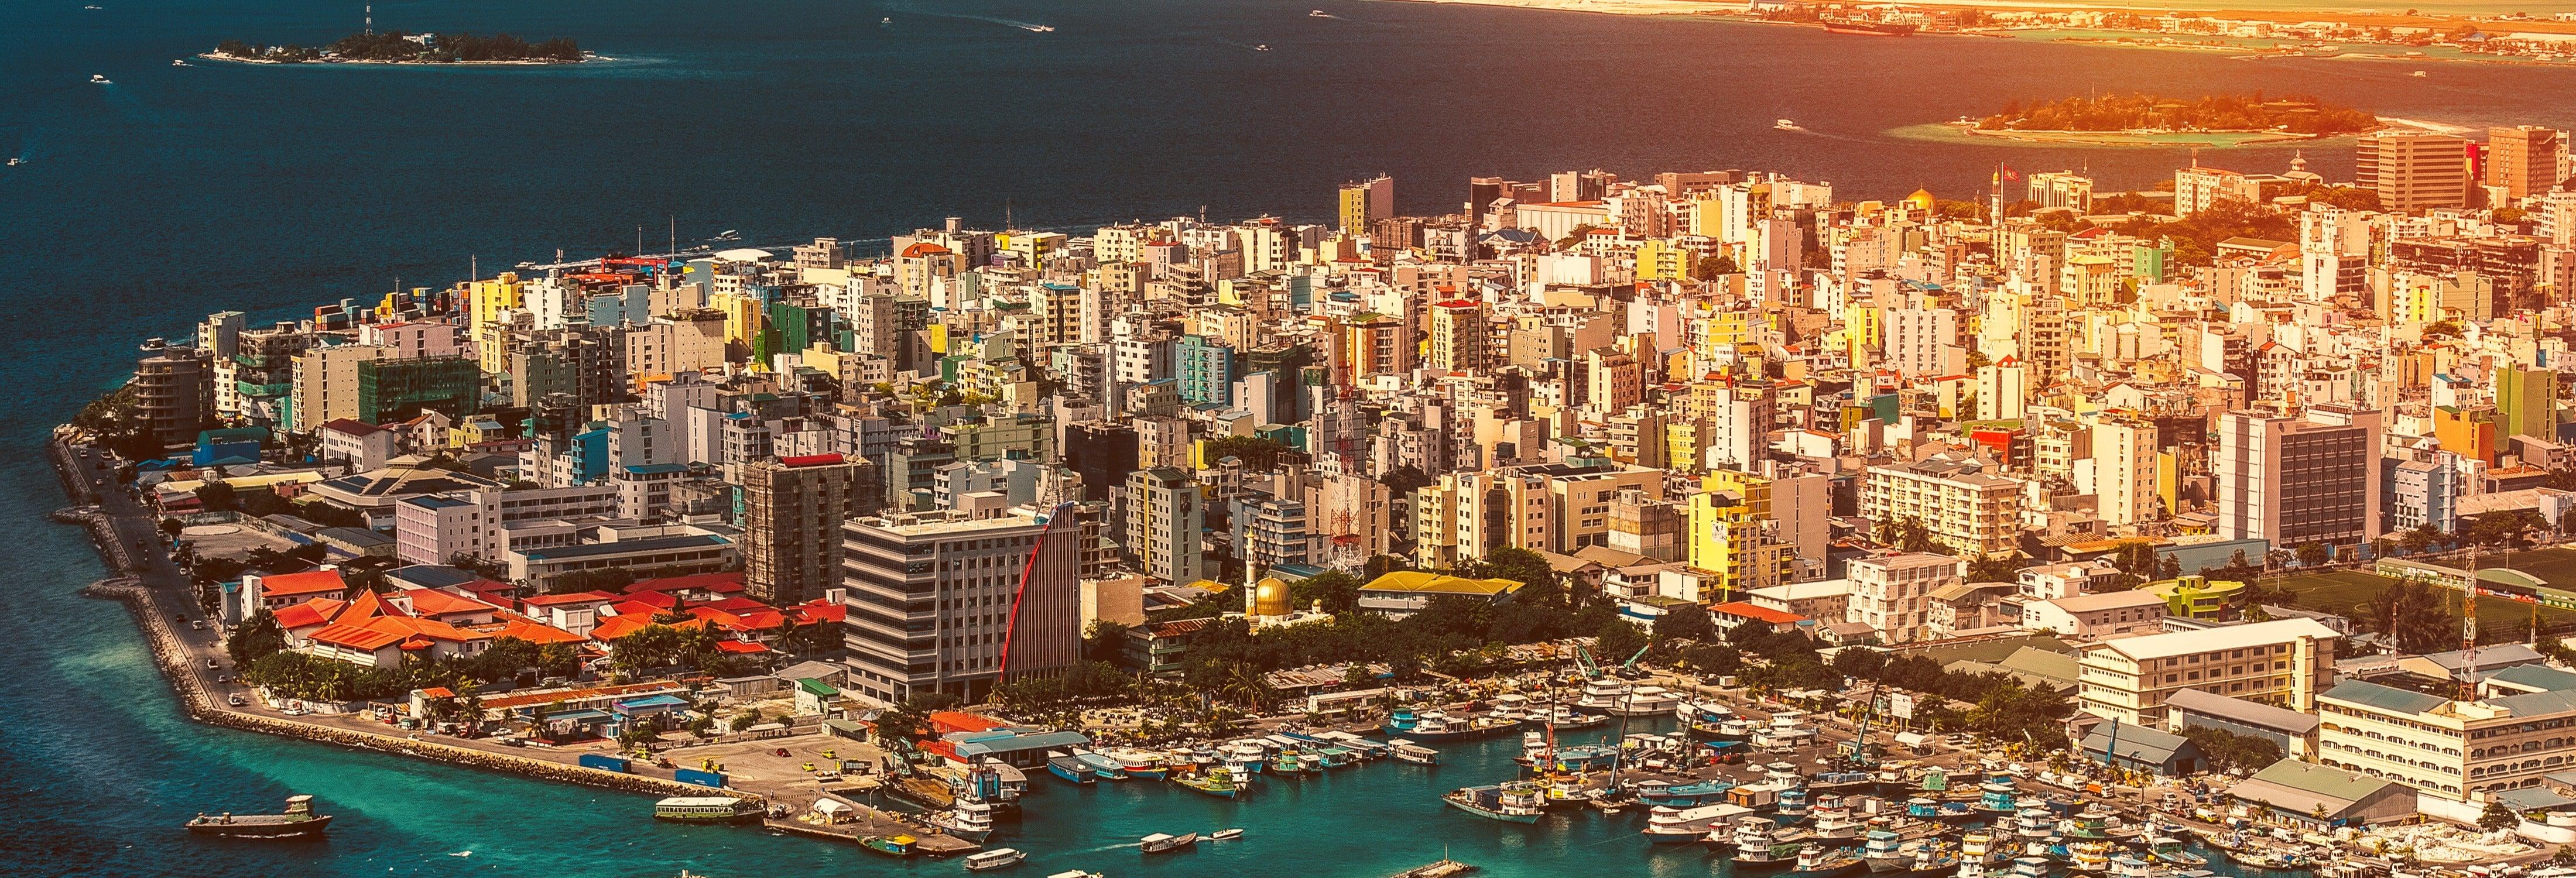 Tour of Malé & Villimale